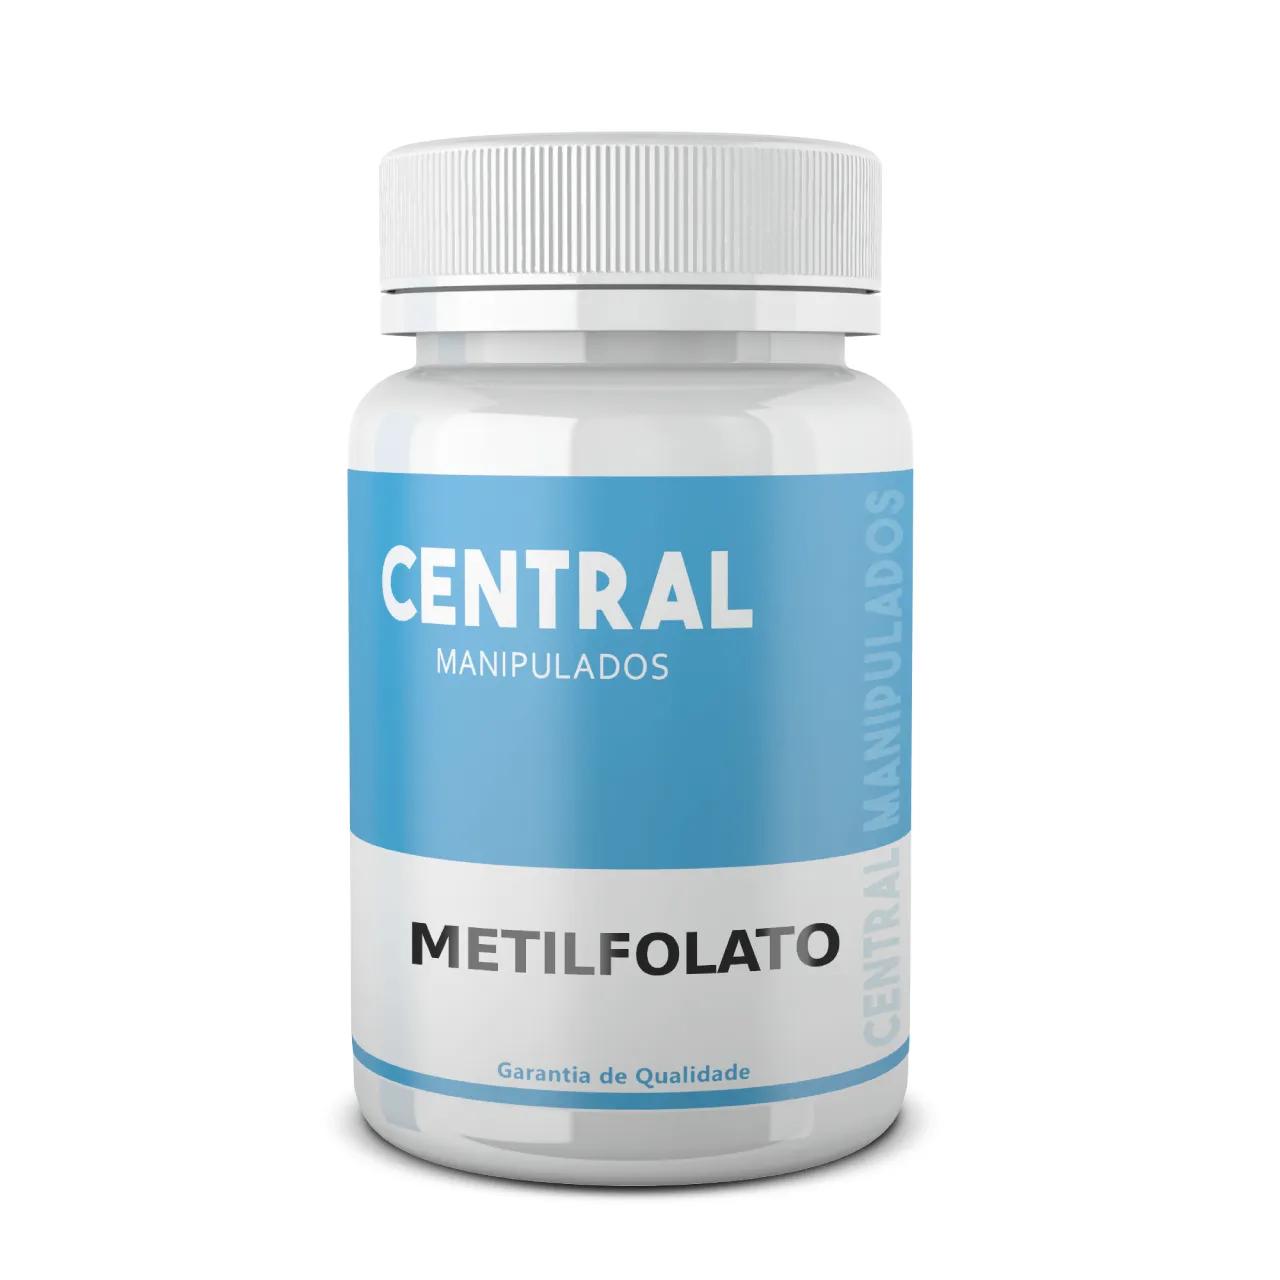 Metilfolato 500 mcg - 60 cápsulas - Forma Ativa do Ácido Fólico, Antidepressivo, Doença cardiovascular, Desintoxicante